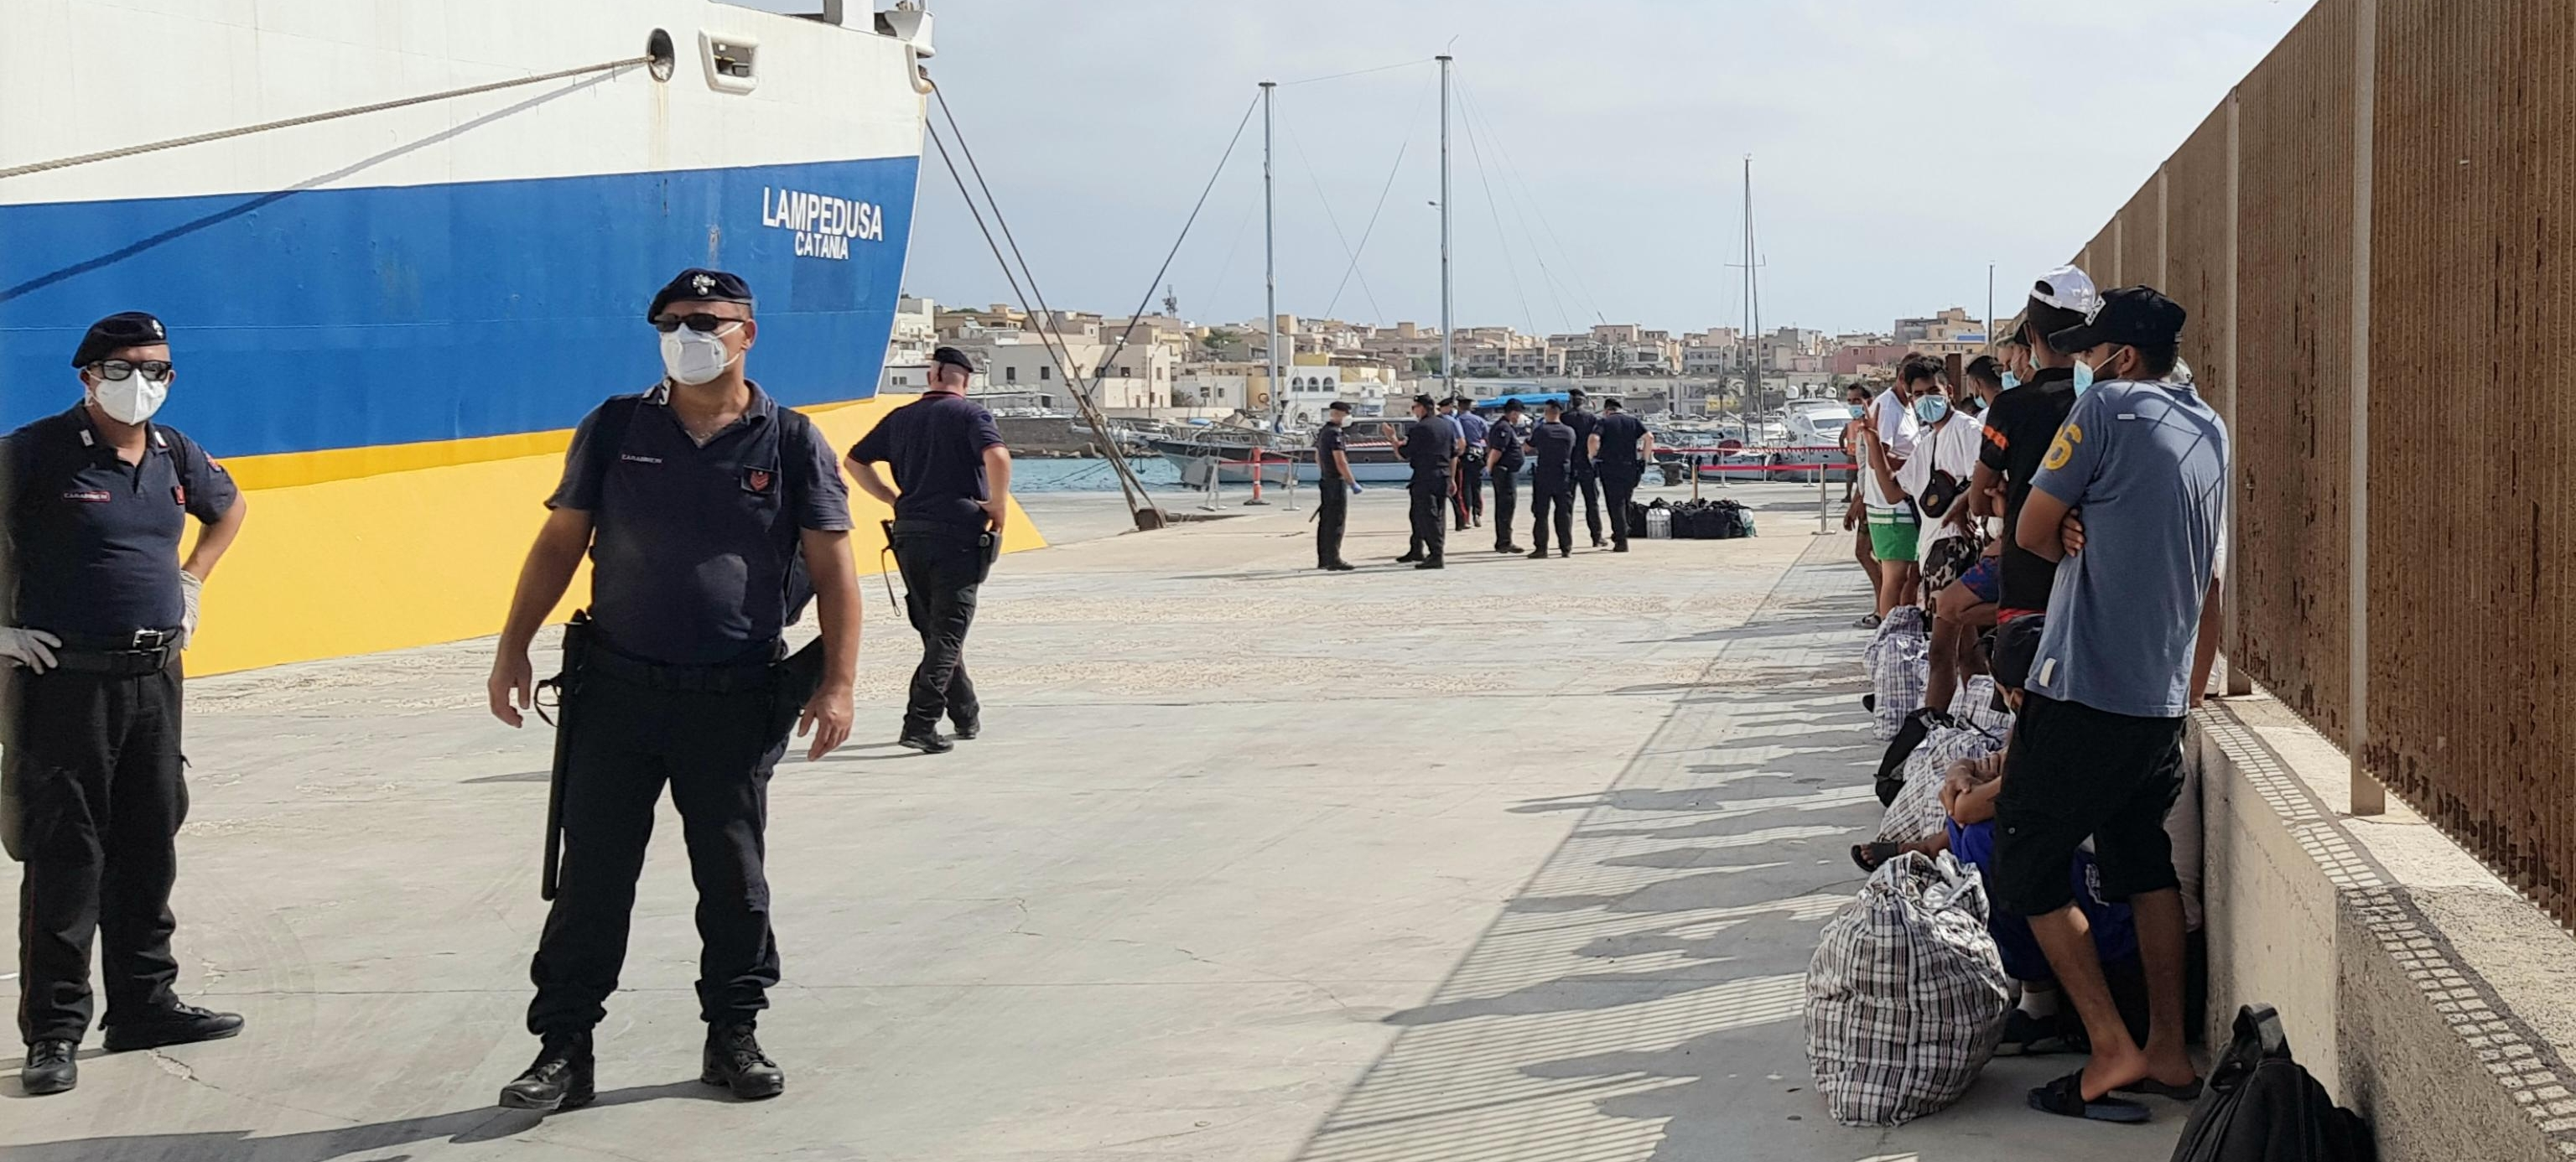 Migranti in fuga, carabiniere resta ferito